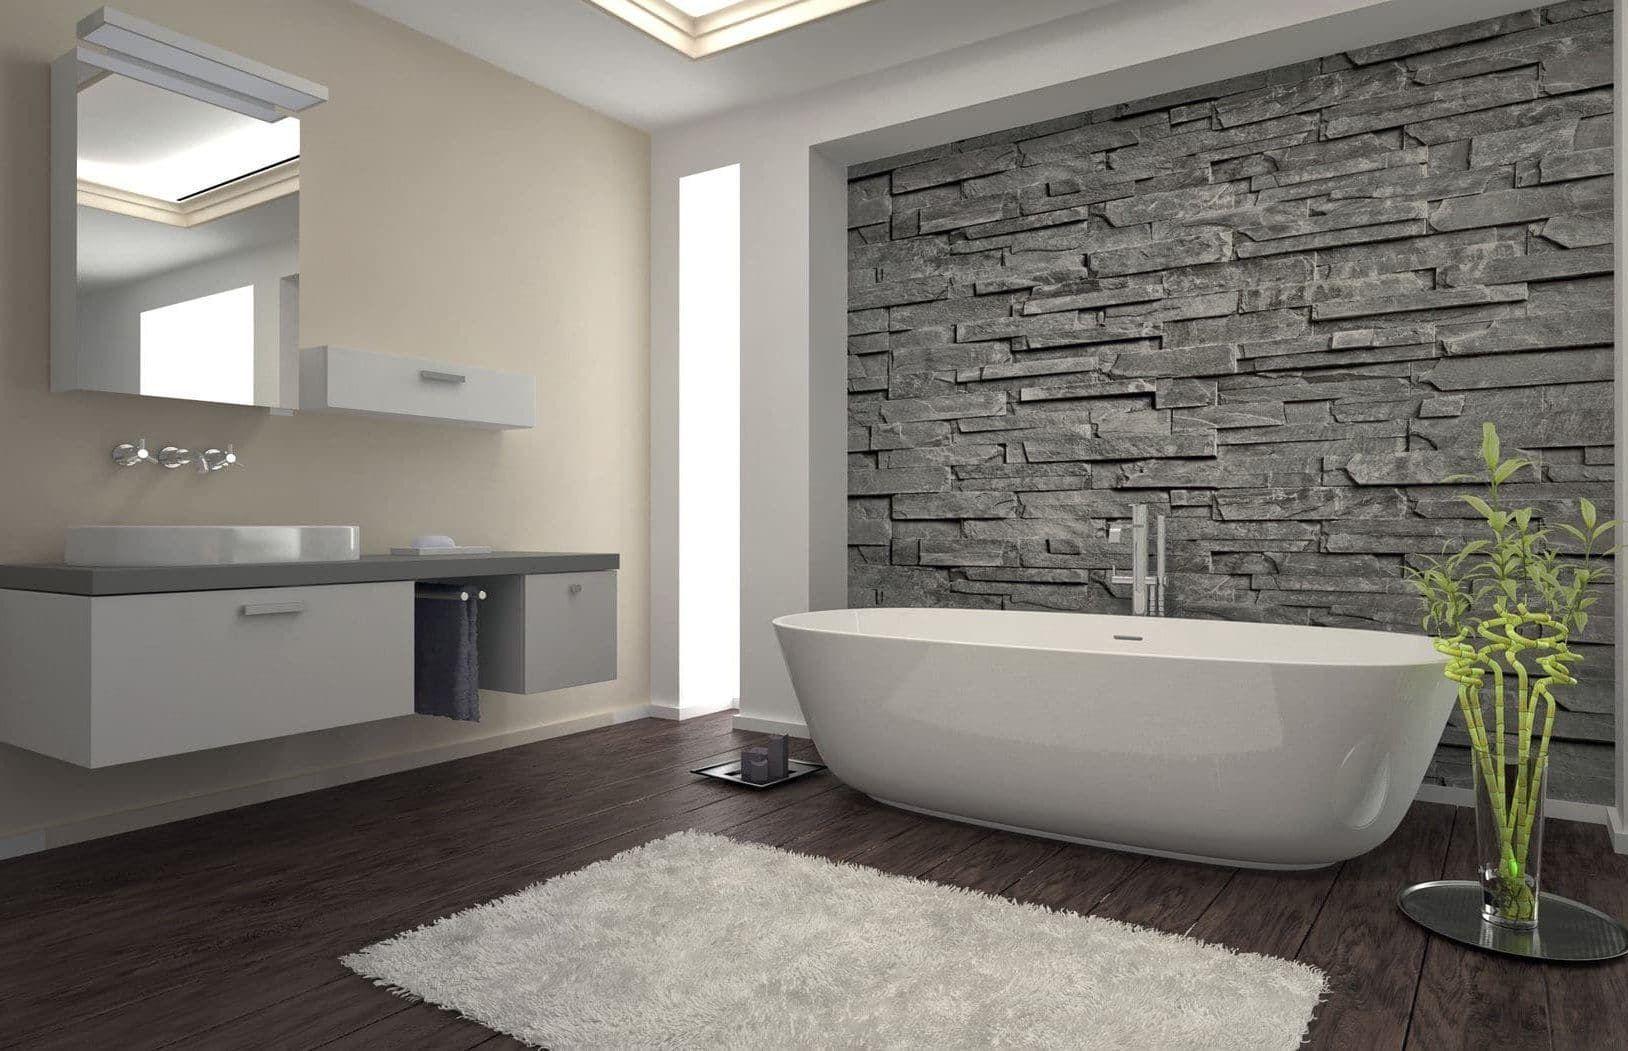 Onze afbeeldingen van badkamers | Badkamer ideeën | Pinterest | House